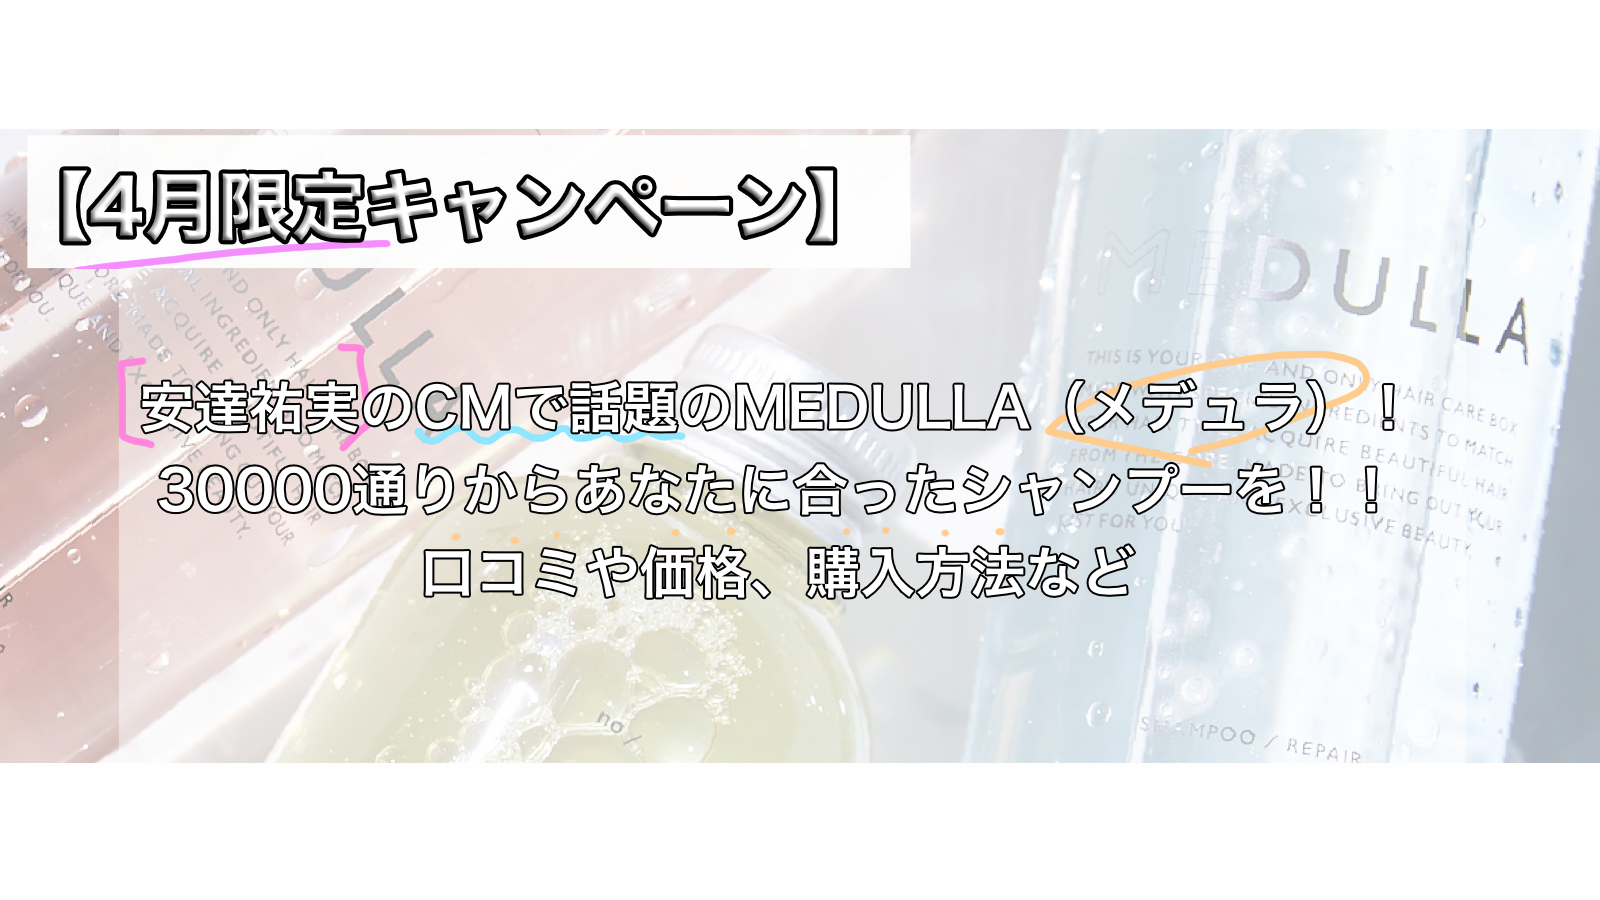 【4月限定キャンペーン】安達祐実のCMで話題のMEDULLA(メデュラ)!30,000通りからあなたに合ったシャンプーを!!口コミや価格、購入方法など